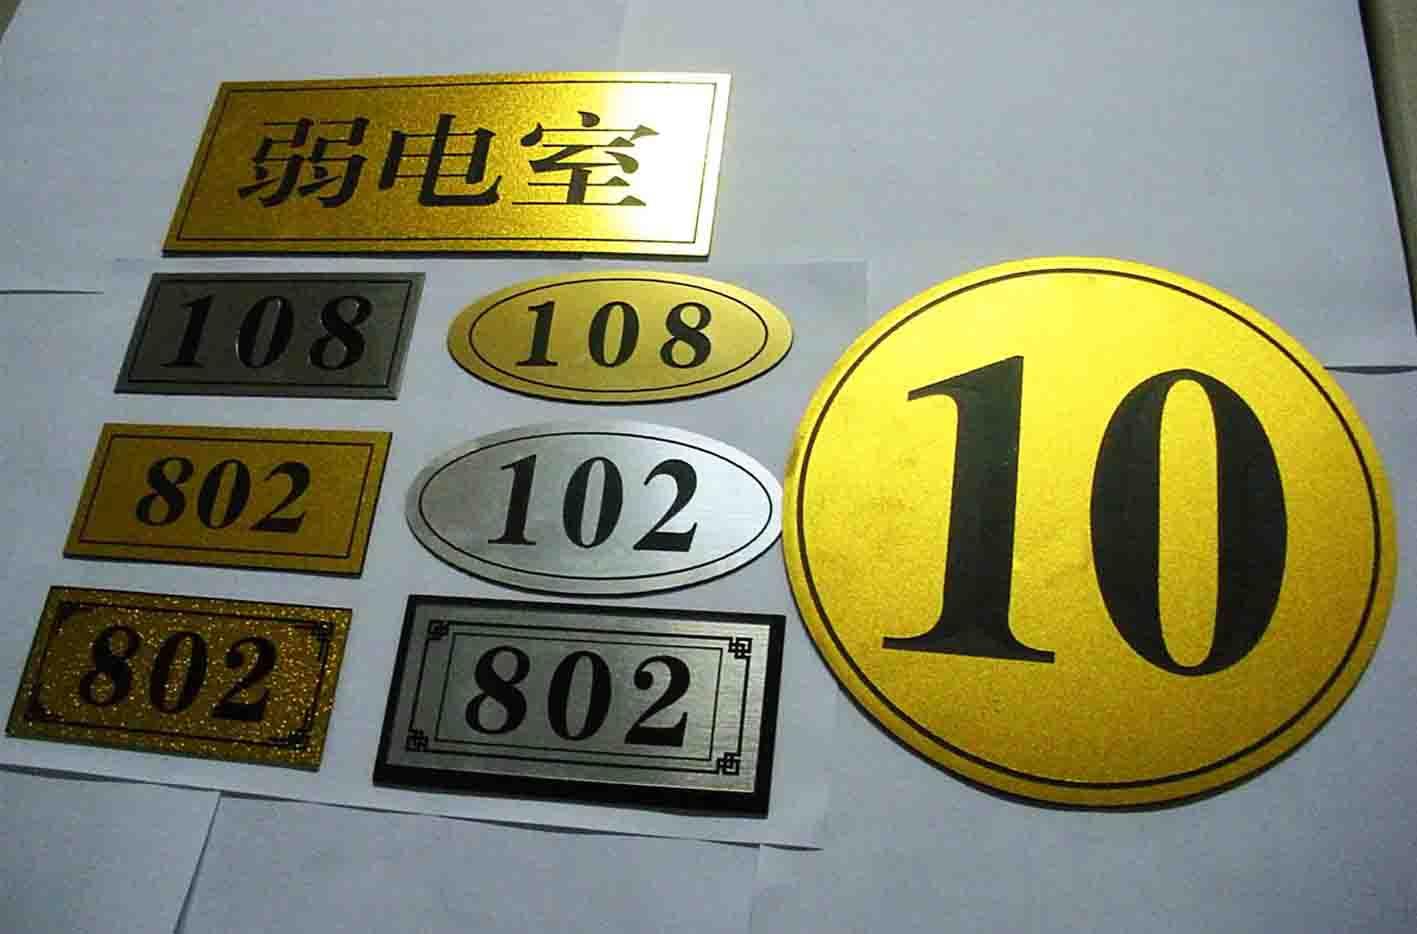 楼层牌,指示牌 酒店楼层牌 楼层指示牌_顺企网